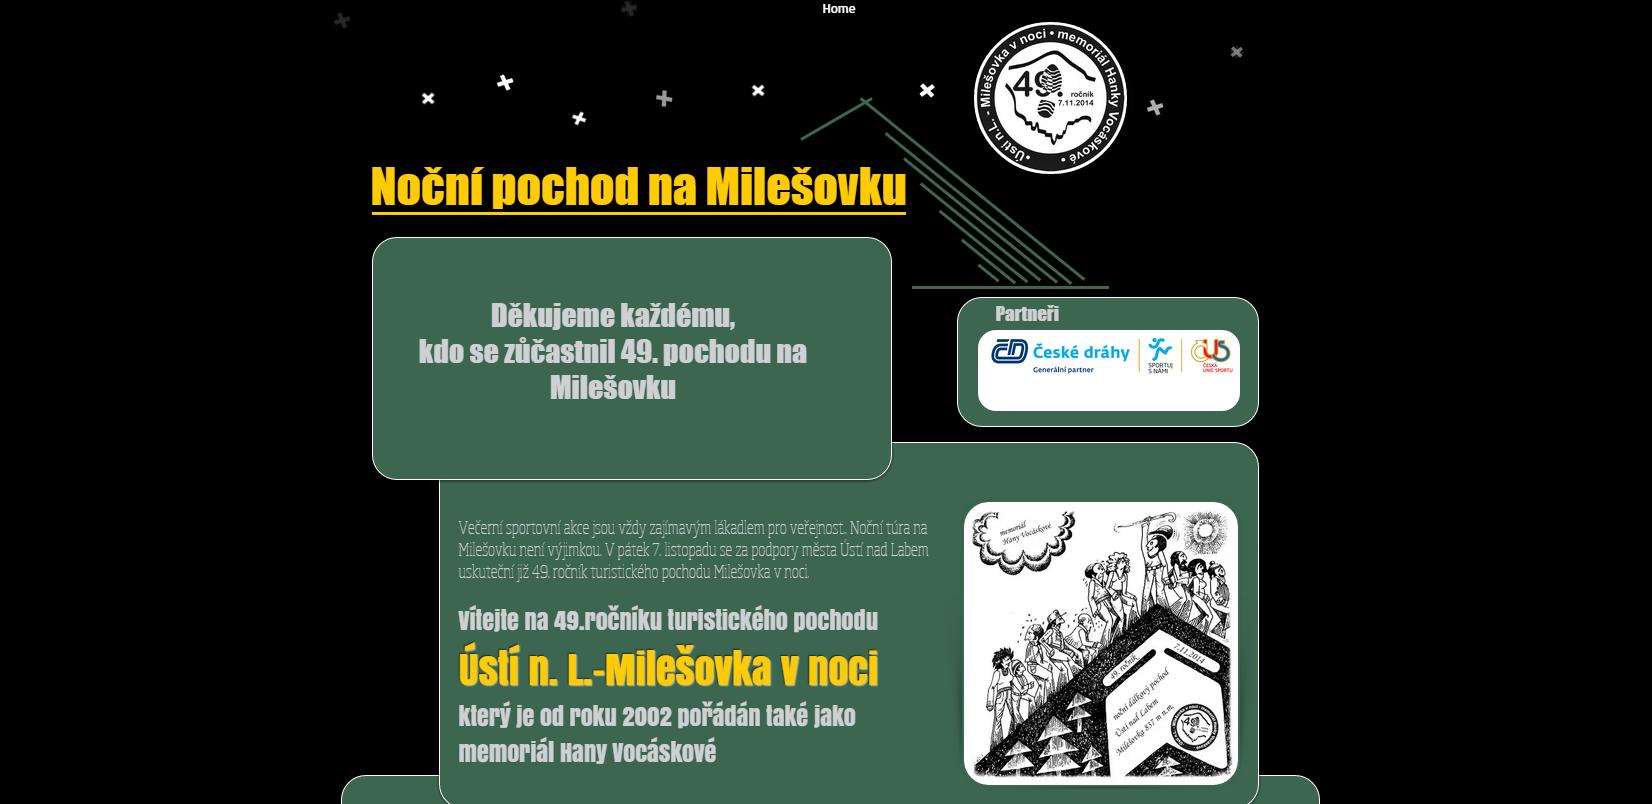 Noční pochod na Milešovku